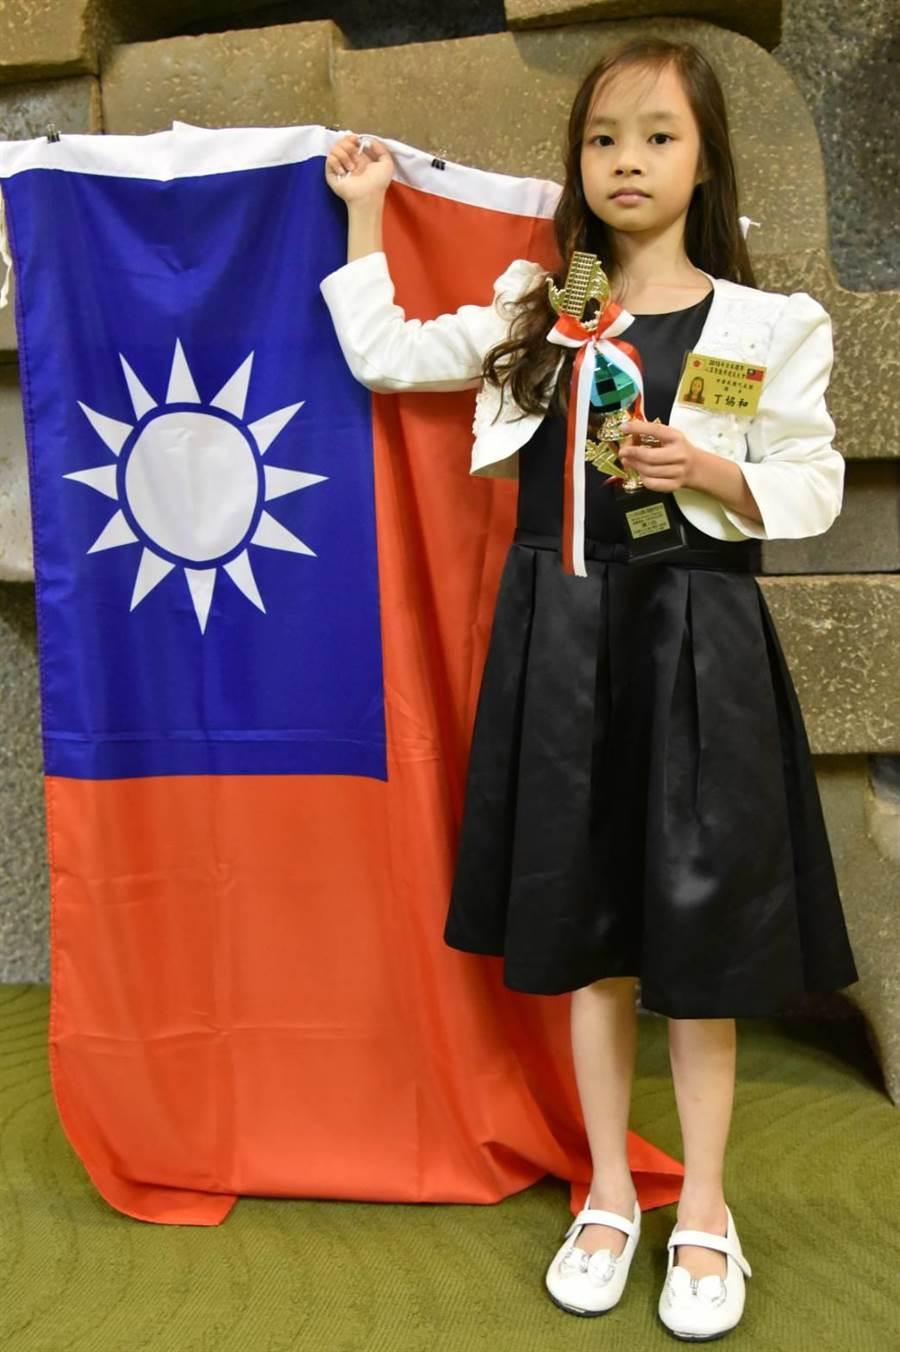 我心算神童丁協和勇奪世界大賽冠軍,賽後在會場秀出國旗與獎盃留影。(柯宗緯翻攝)